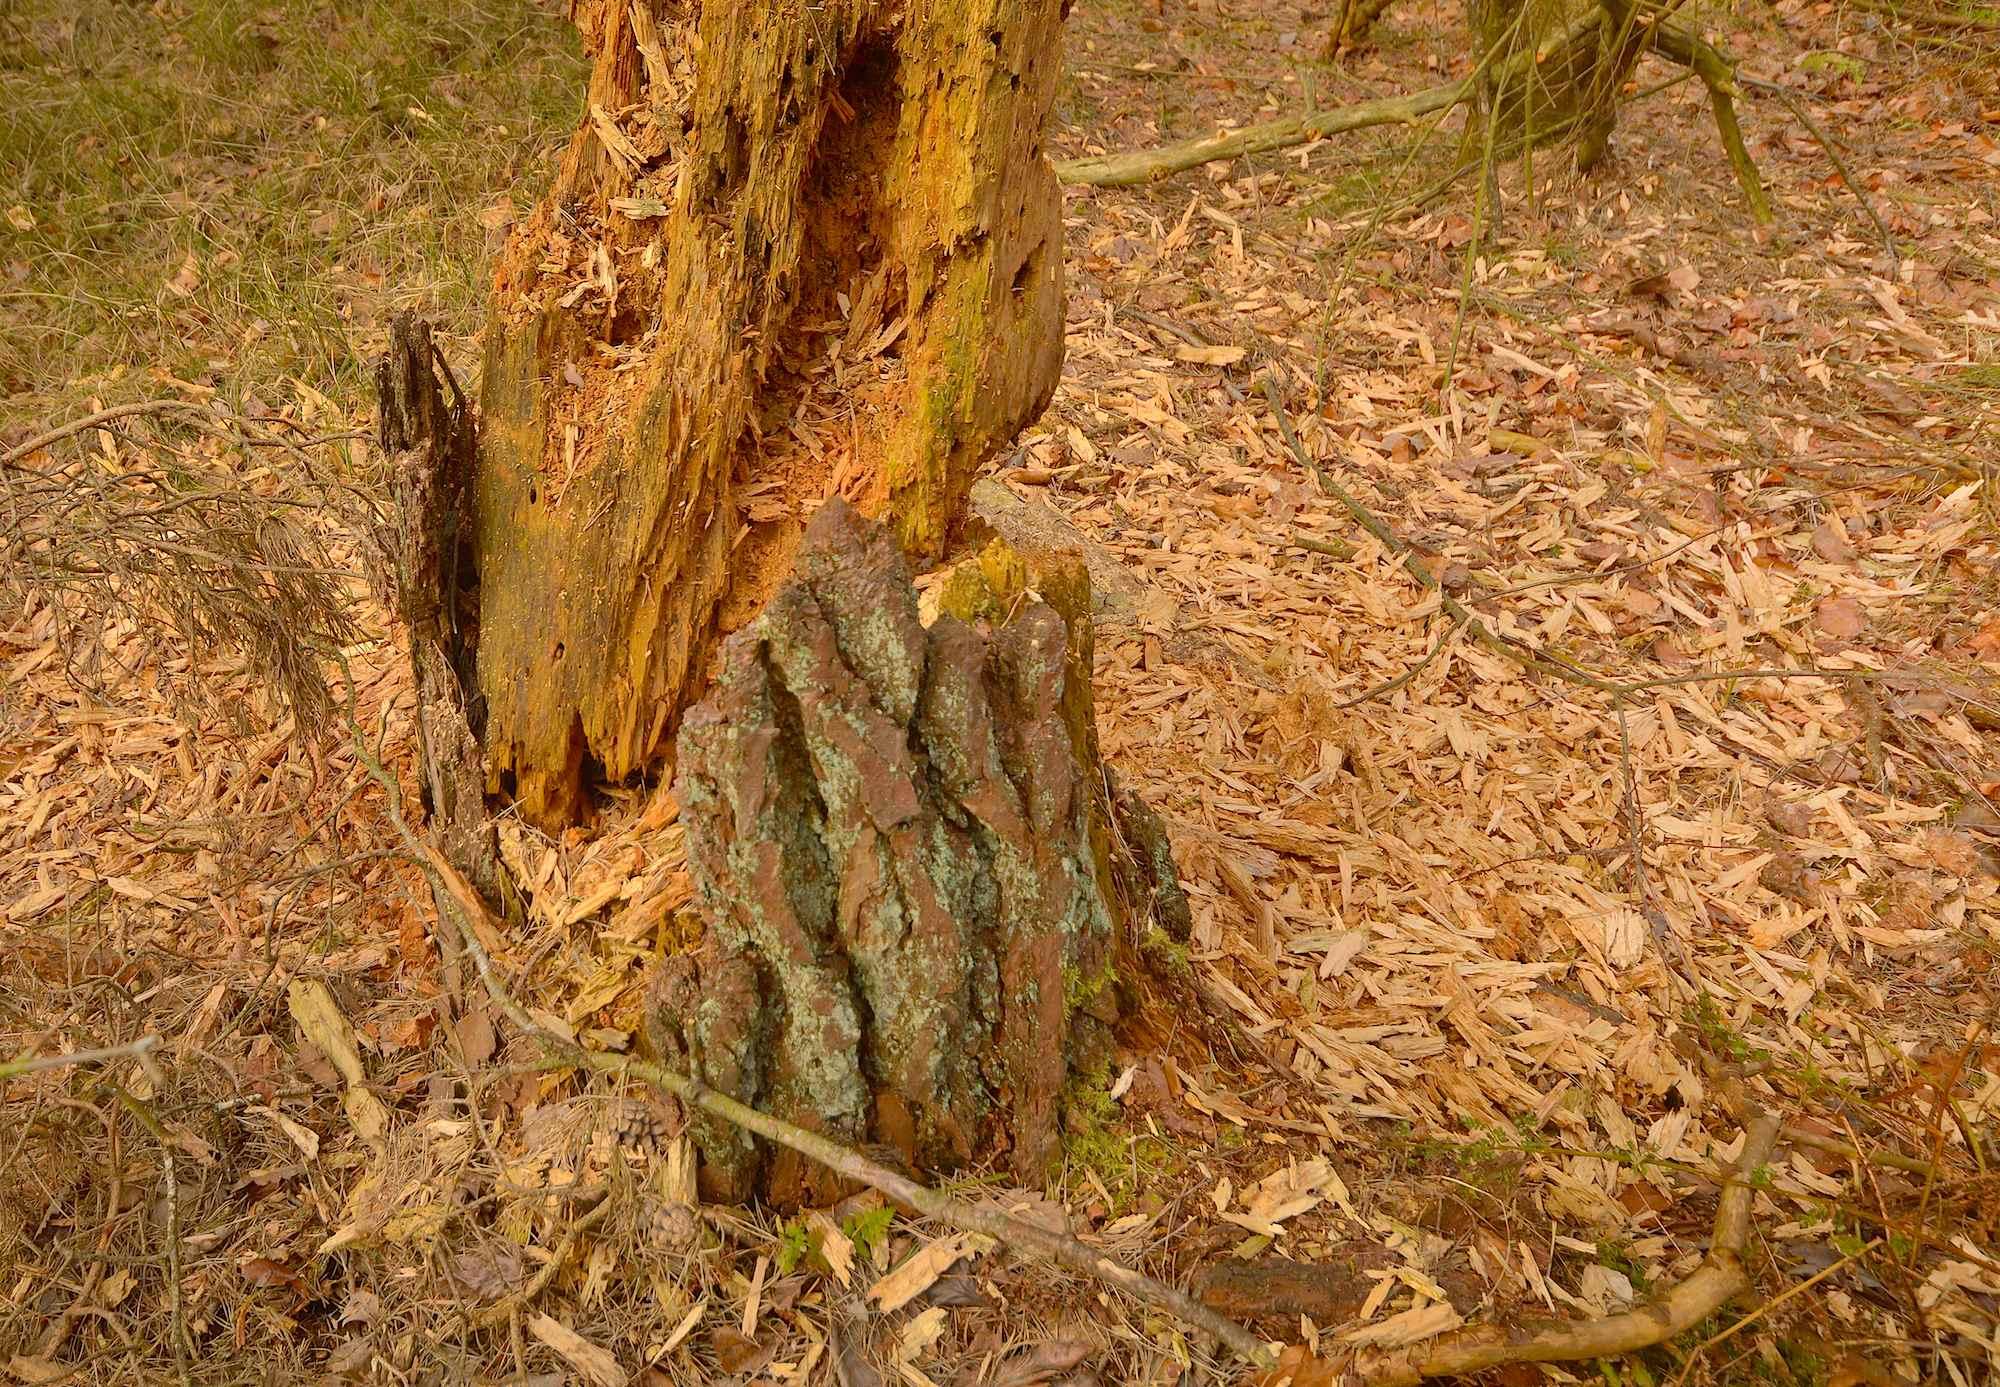 Nej, det er ikke en bæver, der har været på spil og molestreret denne skovfyr i Hårup Sande, men derimod spætter (foto: Rune Engelbreth Larsen)